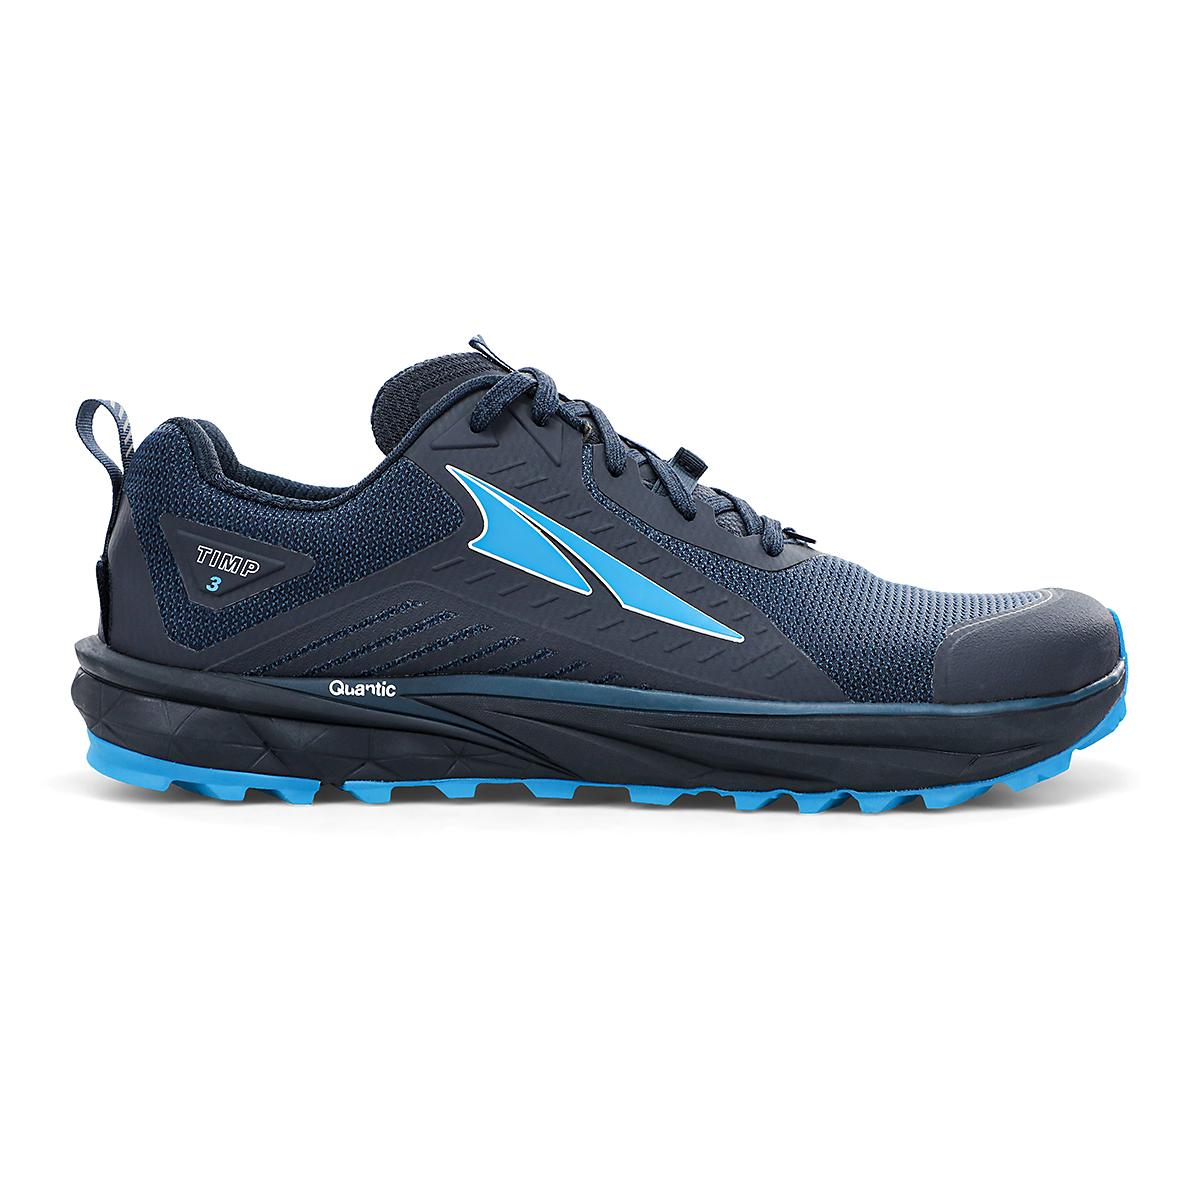 Men's Altra Timp 3 Trail Running Shoe - Color: Dark Blue - Size: 7 - Width: Regular, Dark Blue, large, image 1